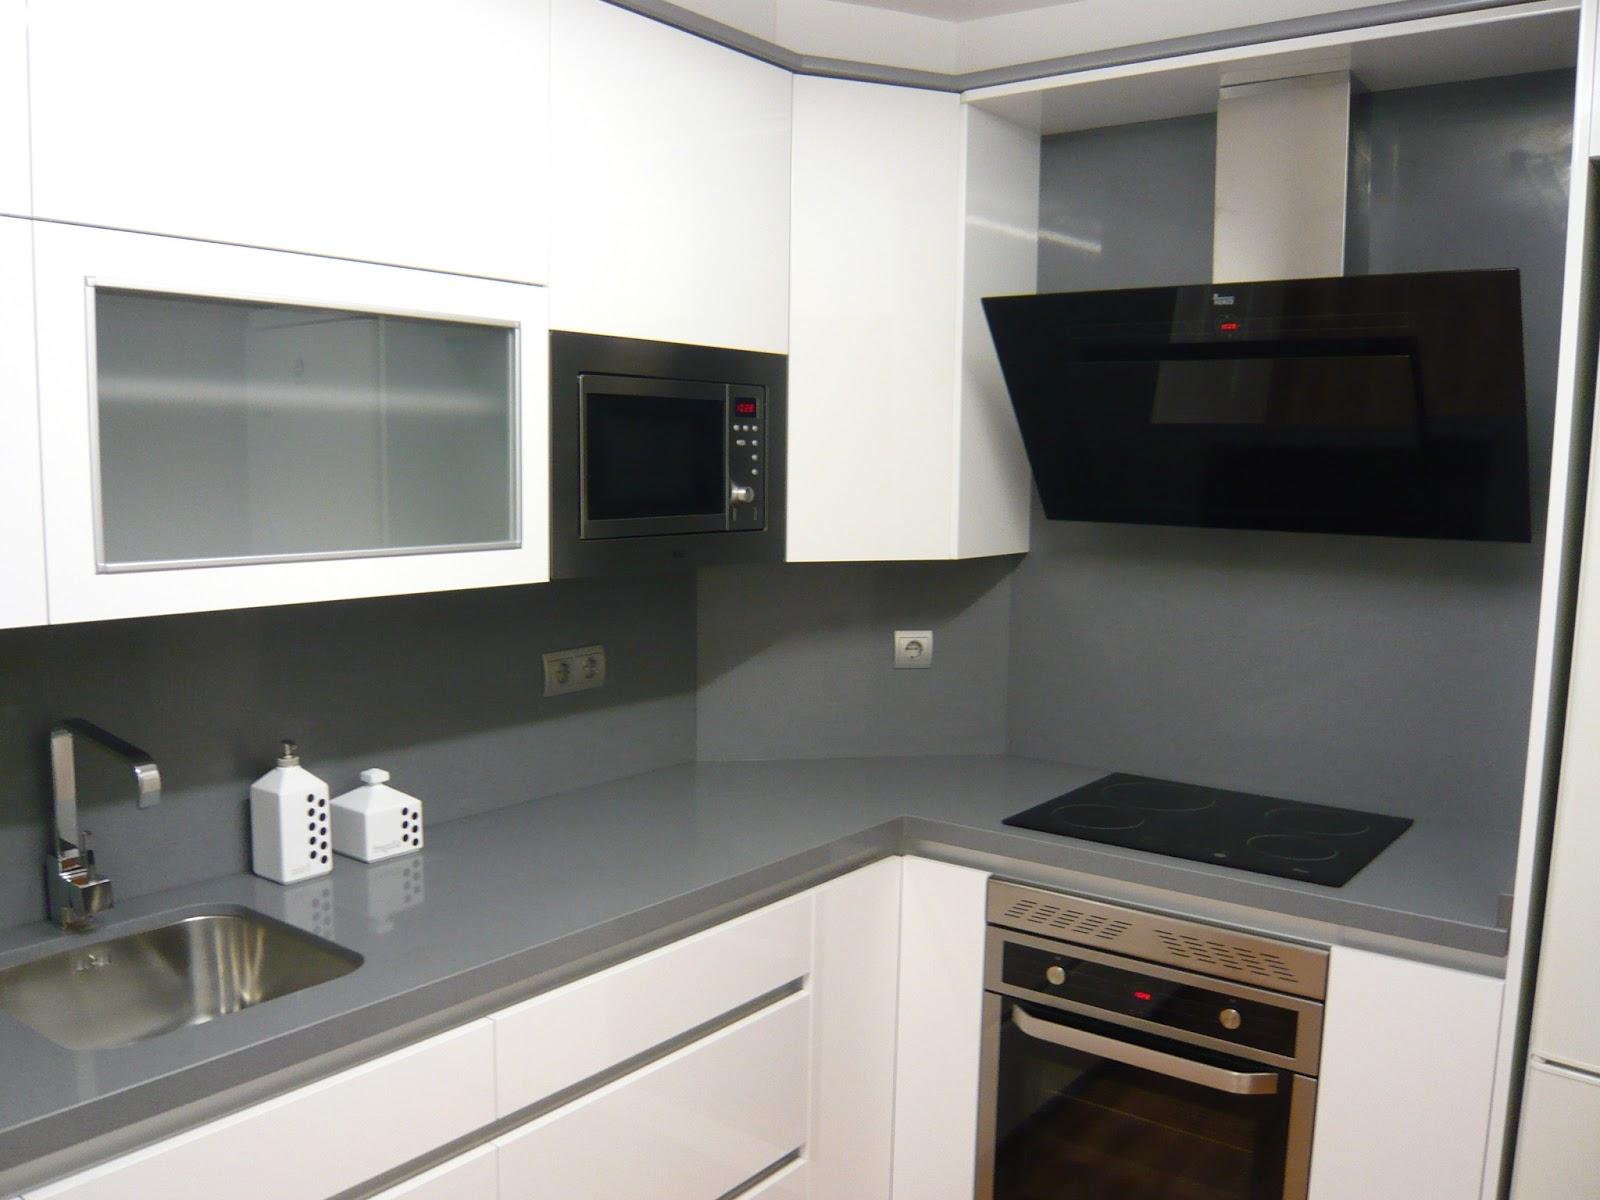 Reuscuina cocina blanco brillo sin tiradores gola - Cocina sin tiradores ...